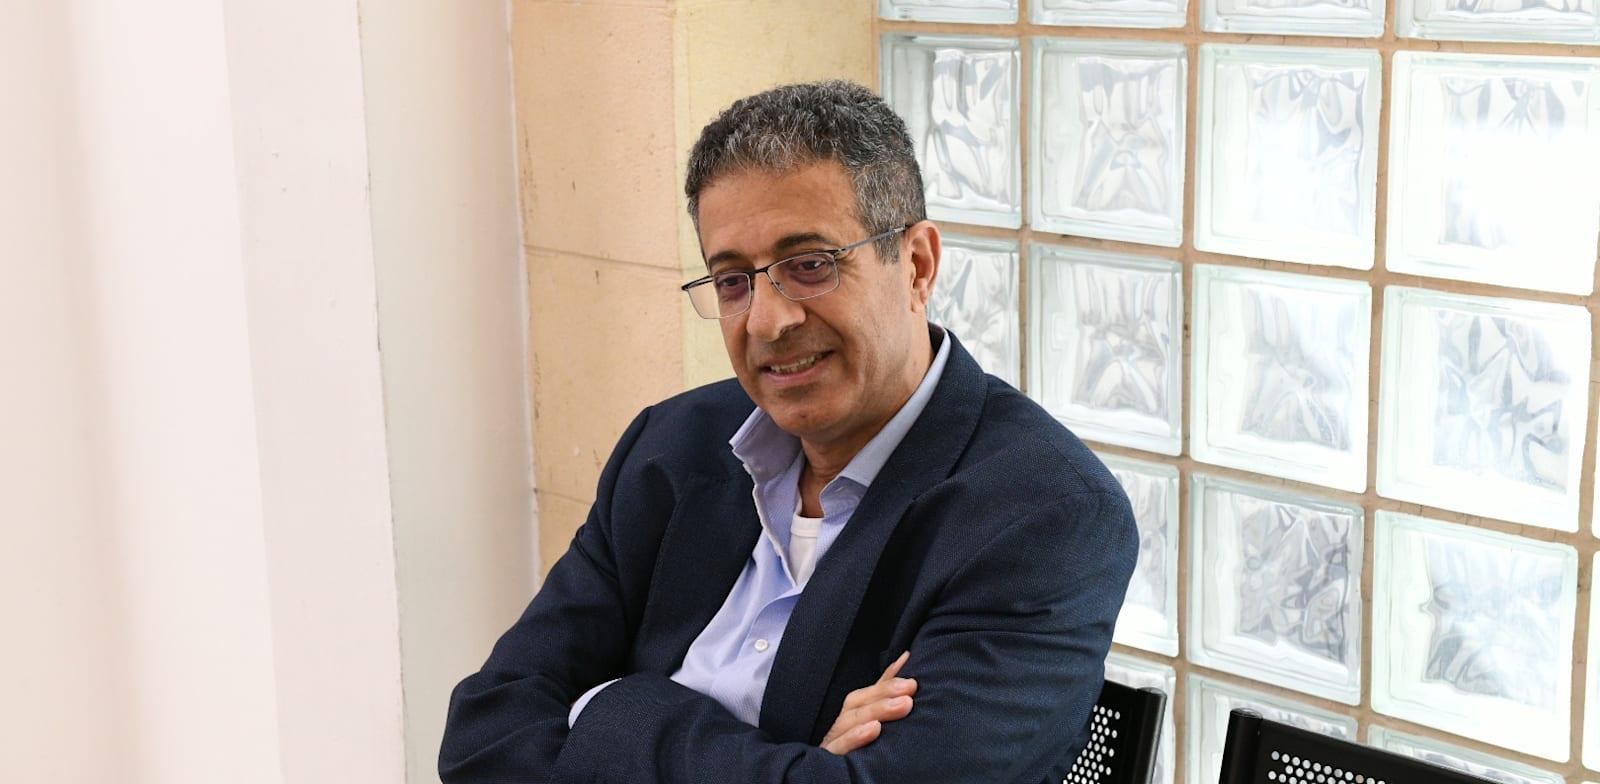 """אילן ישועה, מנכ""""ל וואלה לשעבר, בדיון במשפט נתניהו בבית המשפט המחוזי בירושלים / צילום: איל יצהר"""